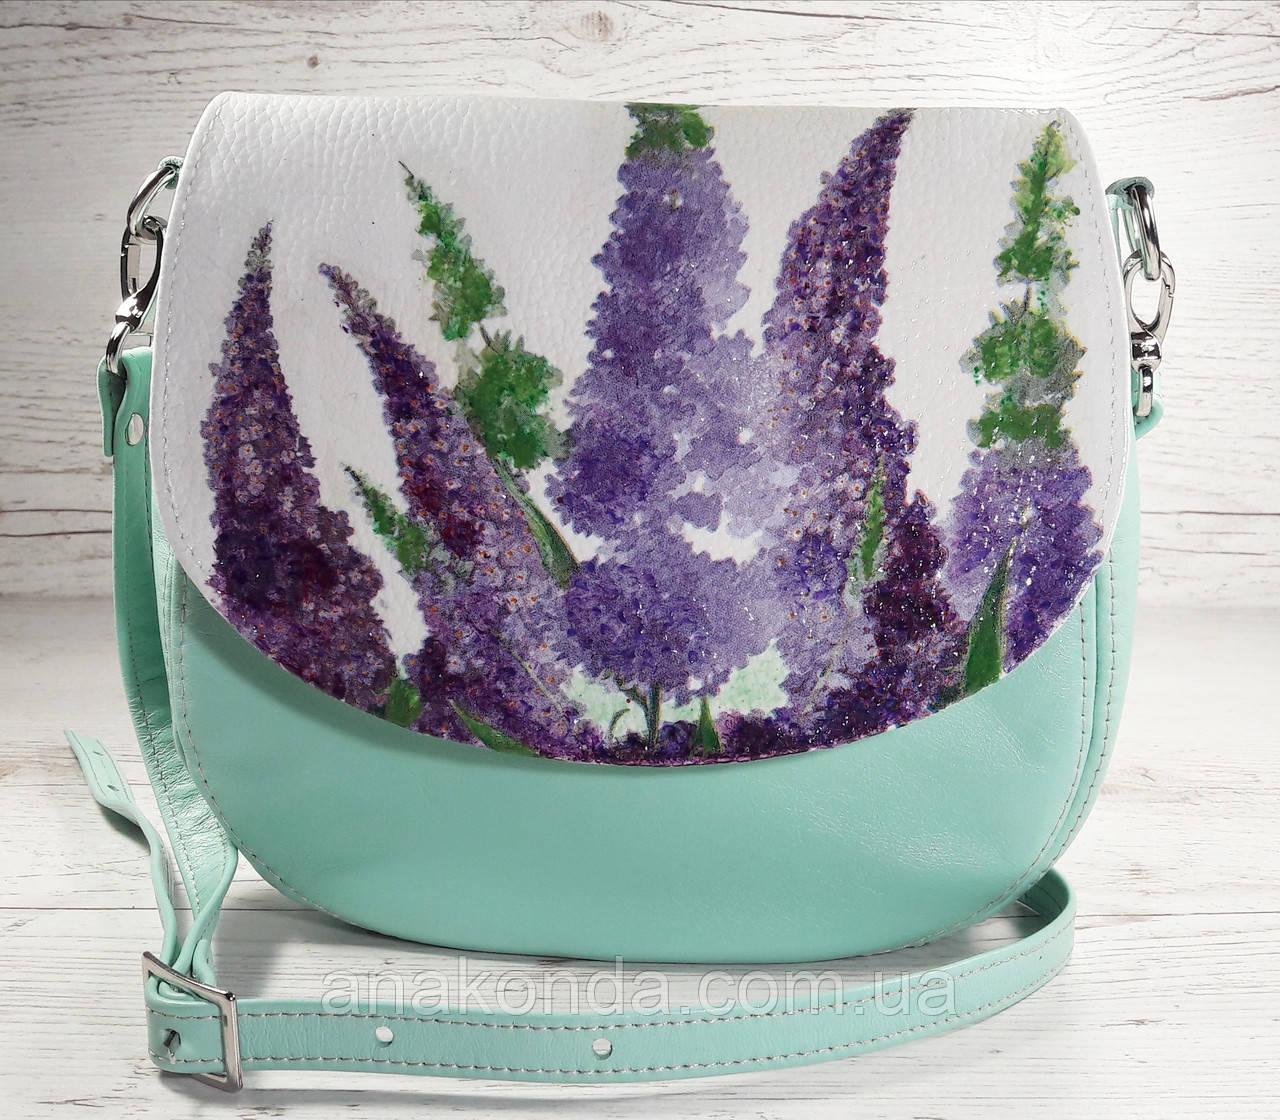 346 Натуральная кожа, Круглая сумка кросс-боди, мятная, цветы лаванда, мята